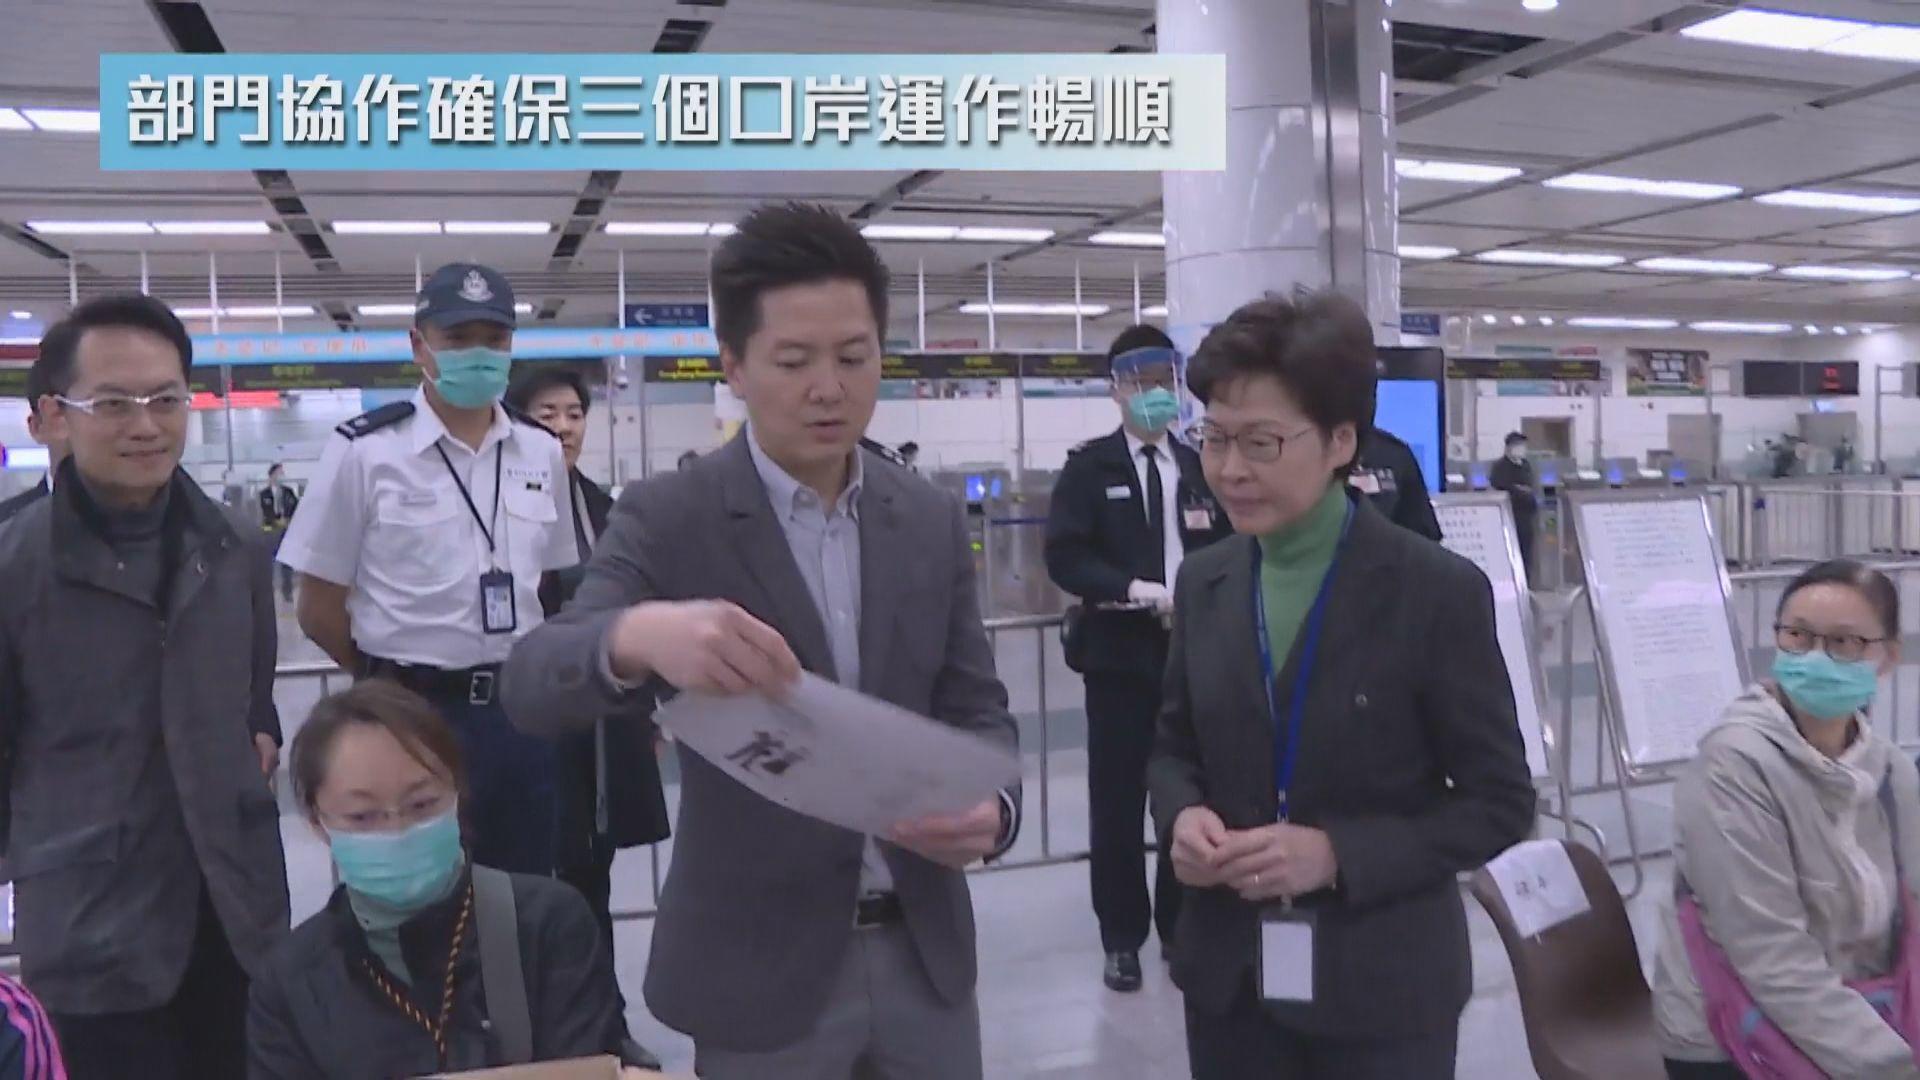 林鄭月娥視察強制檢疫措施